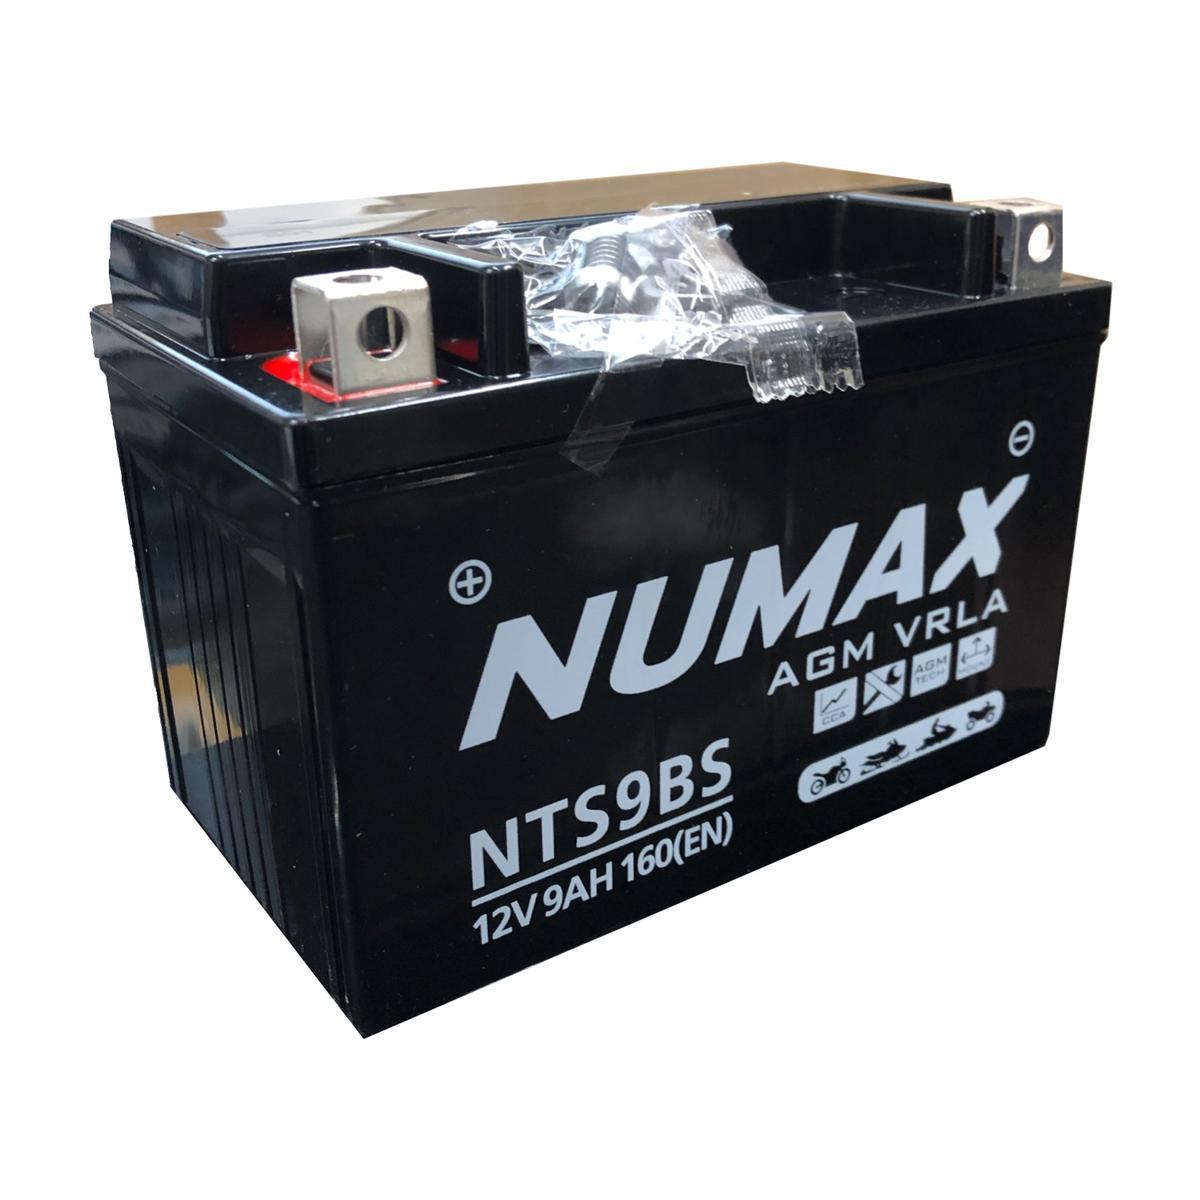 Numax NTS9BS 12v Motorbike Bike Gel Liquifix Battery KAWASAKI 250cc A2 YXT9-4